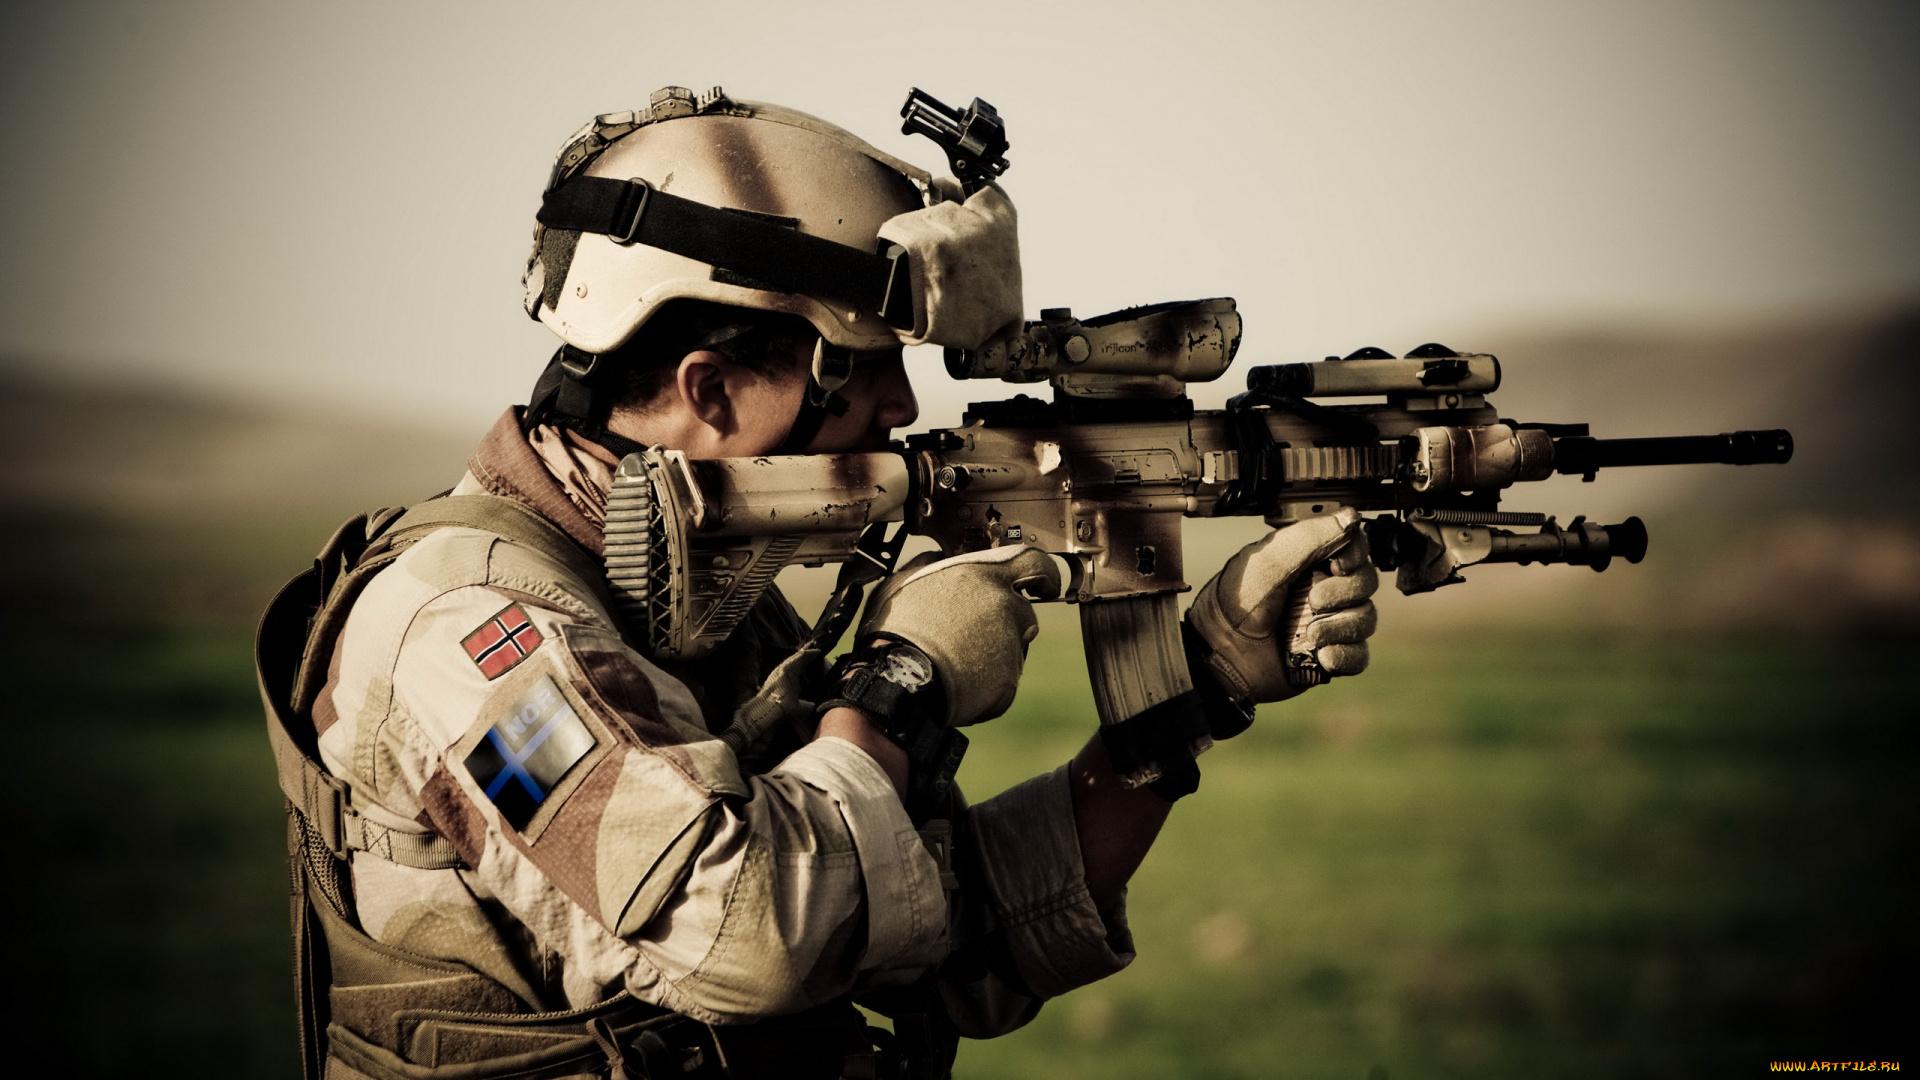 Для, картинки крутые военные